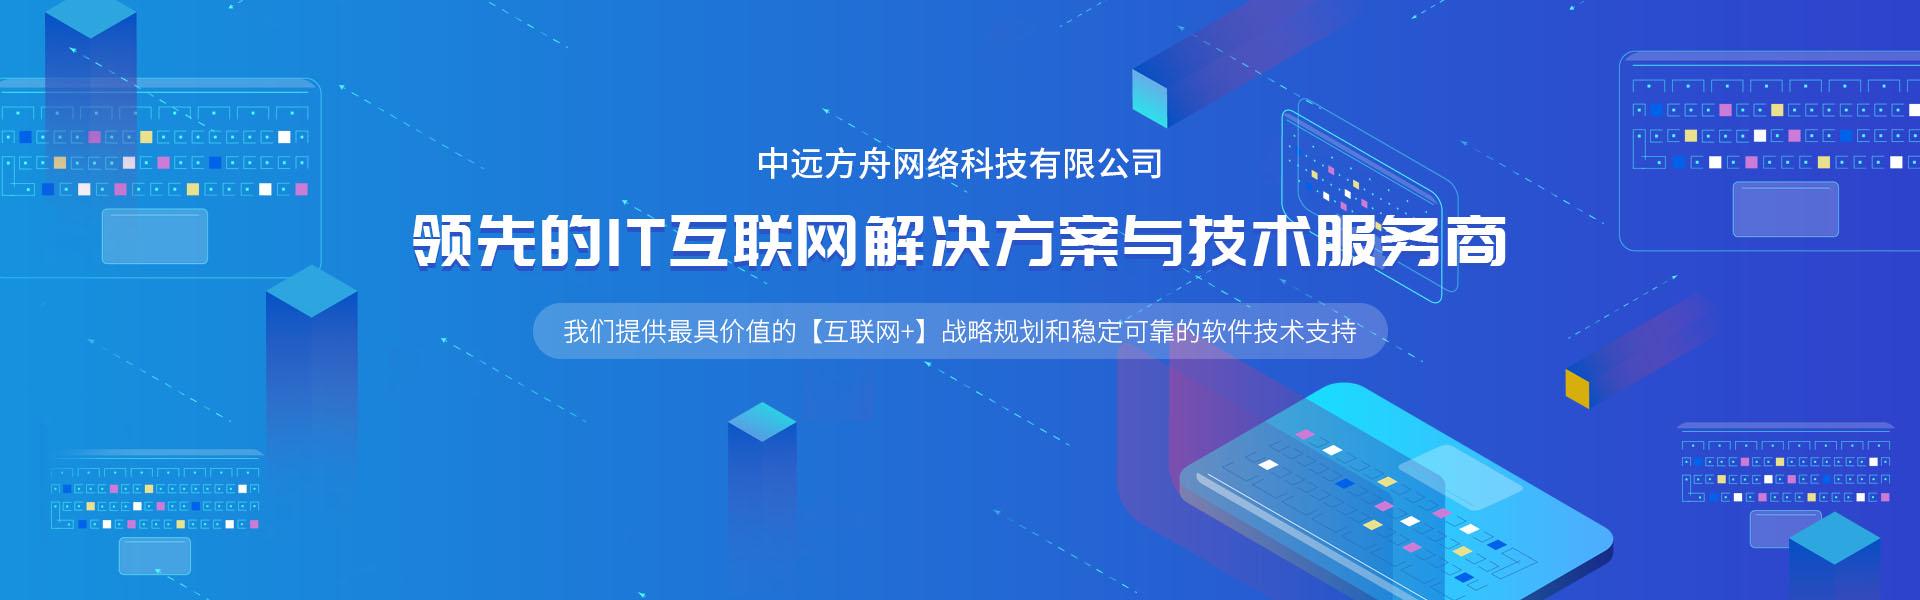 福州中远方舟网络科技有限公司